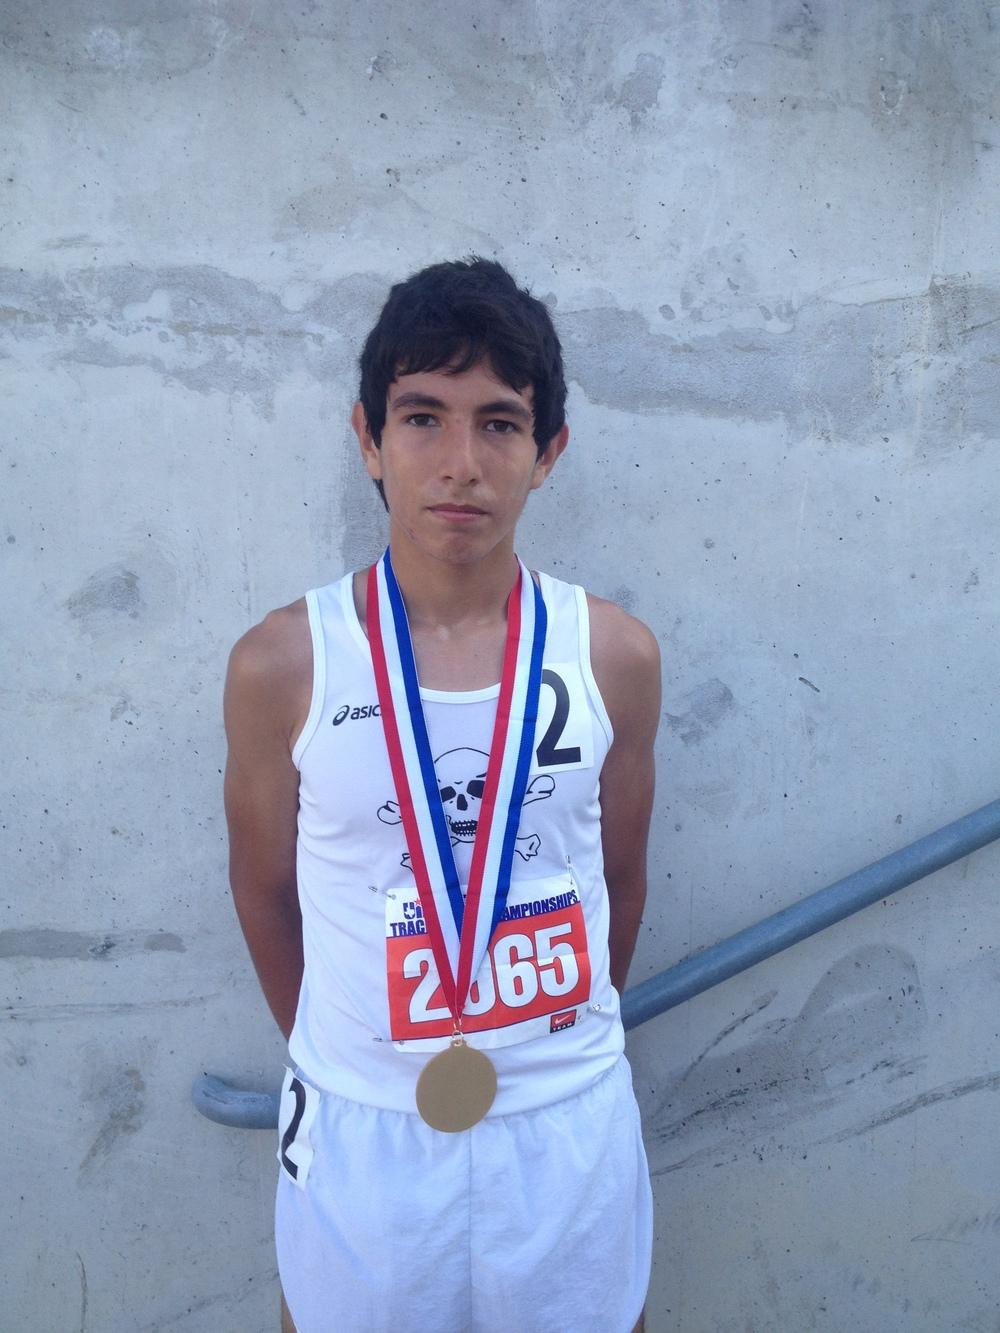 cesar with medal.JPG